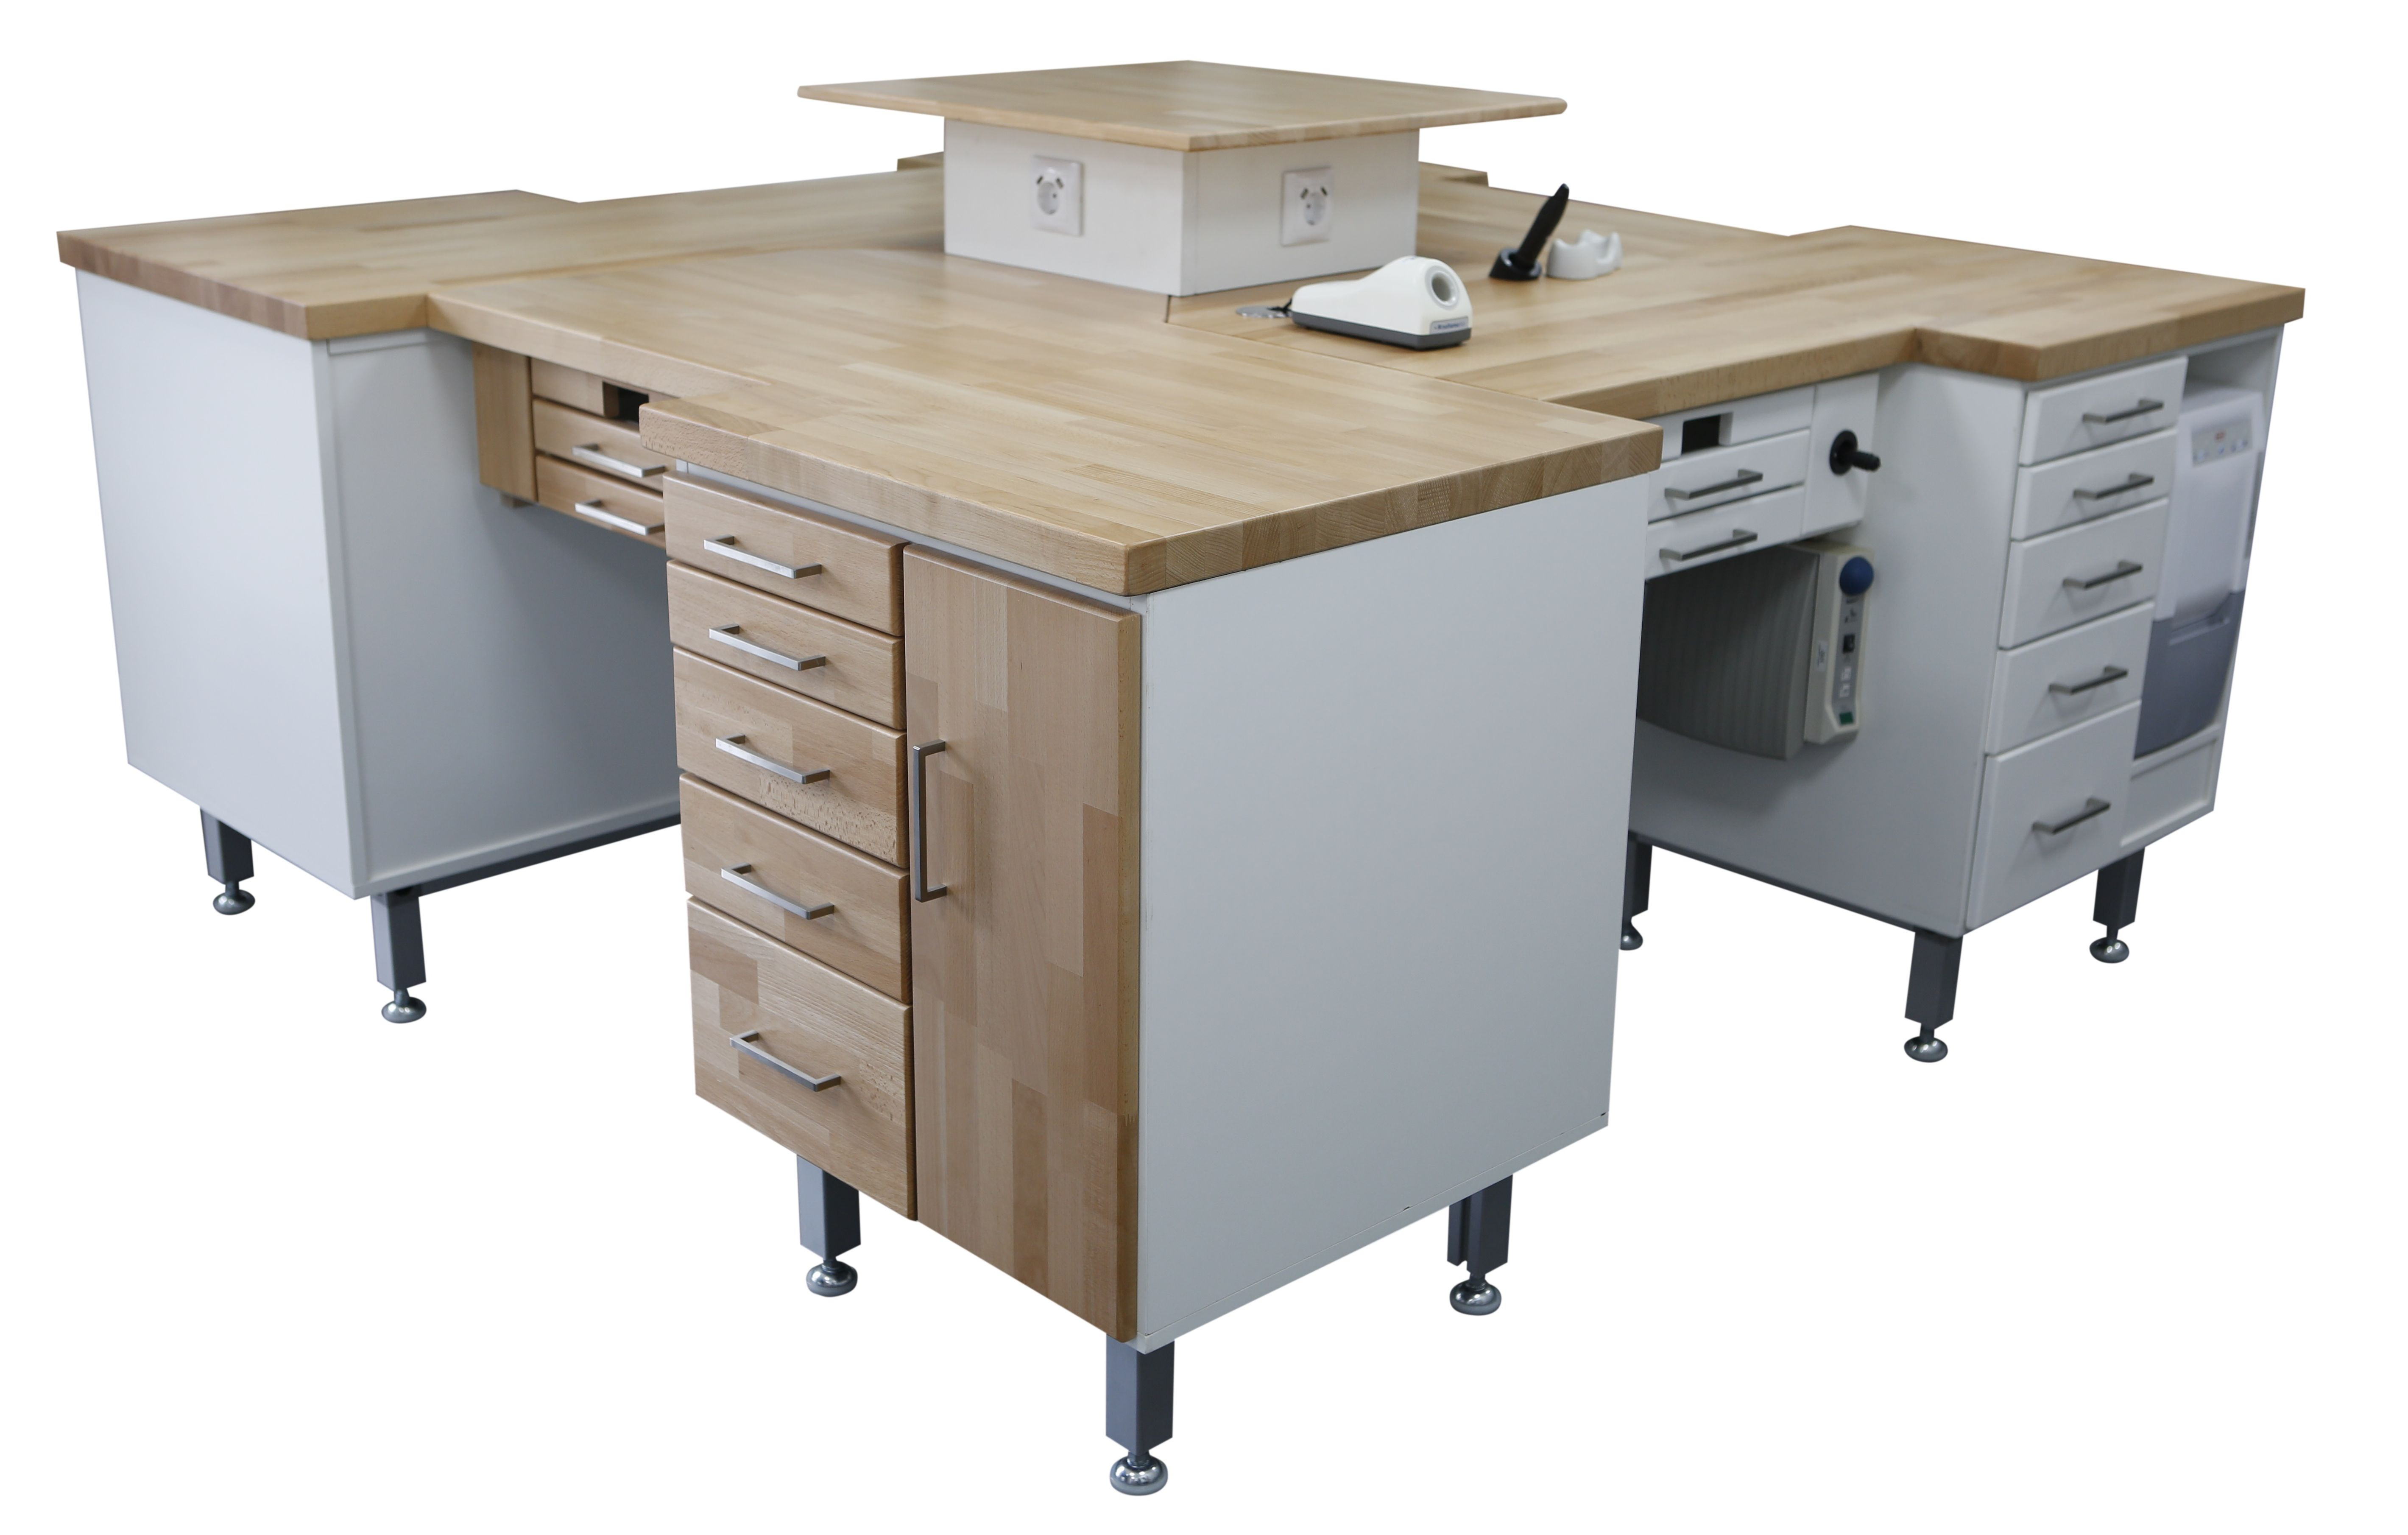 4er Labortisch / 4´er Insel / Labor Insel - Hausmarke - neu - Holzdekor